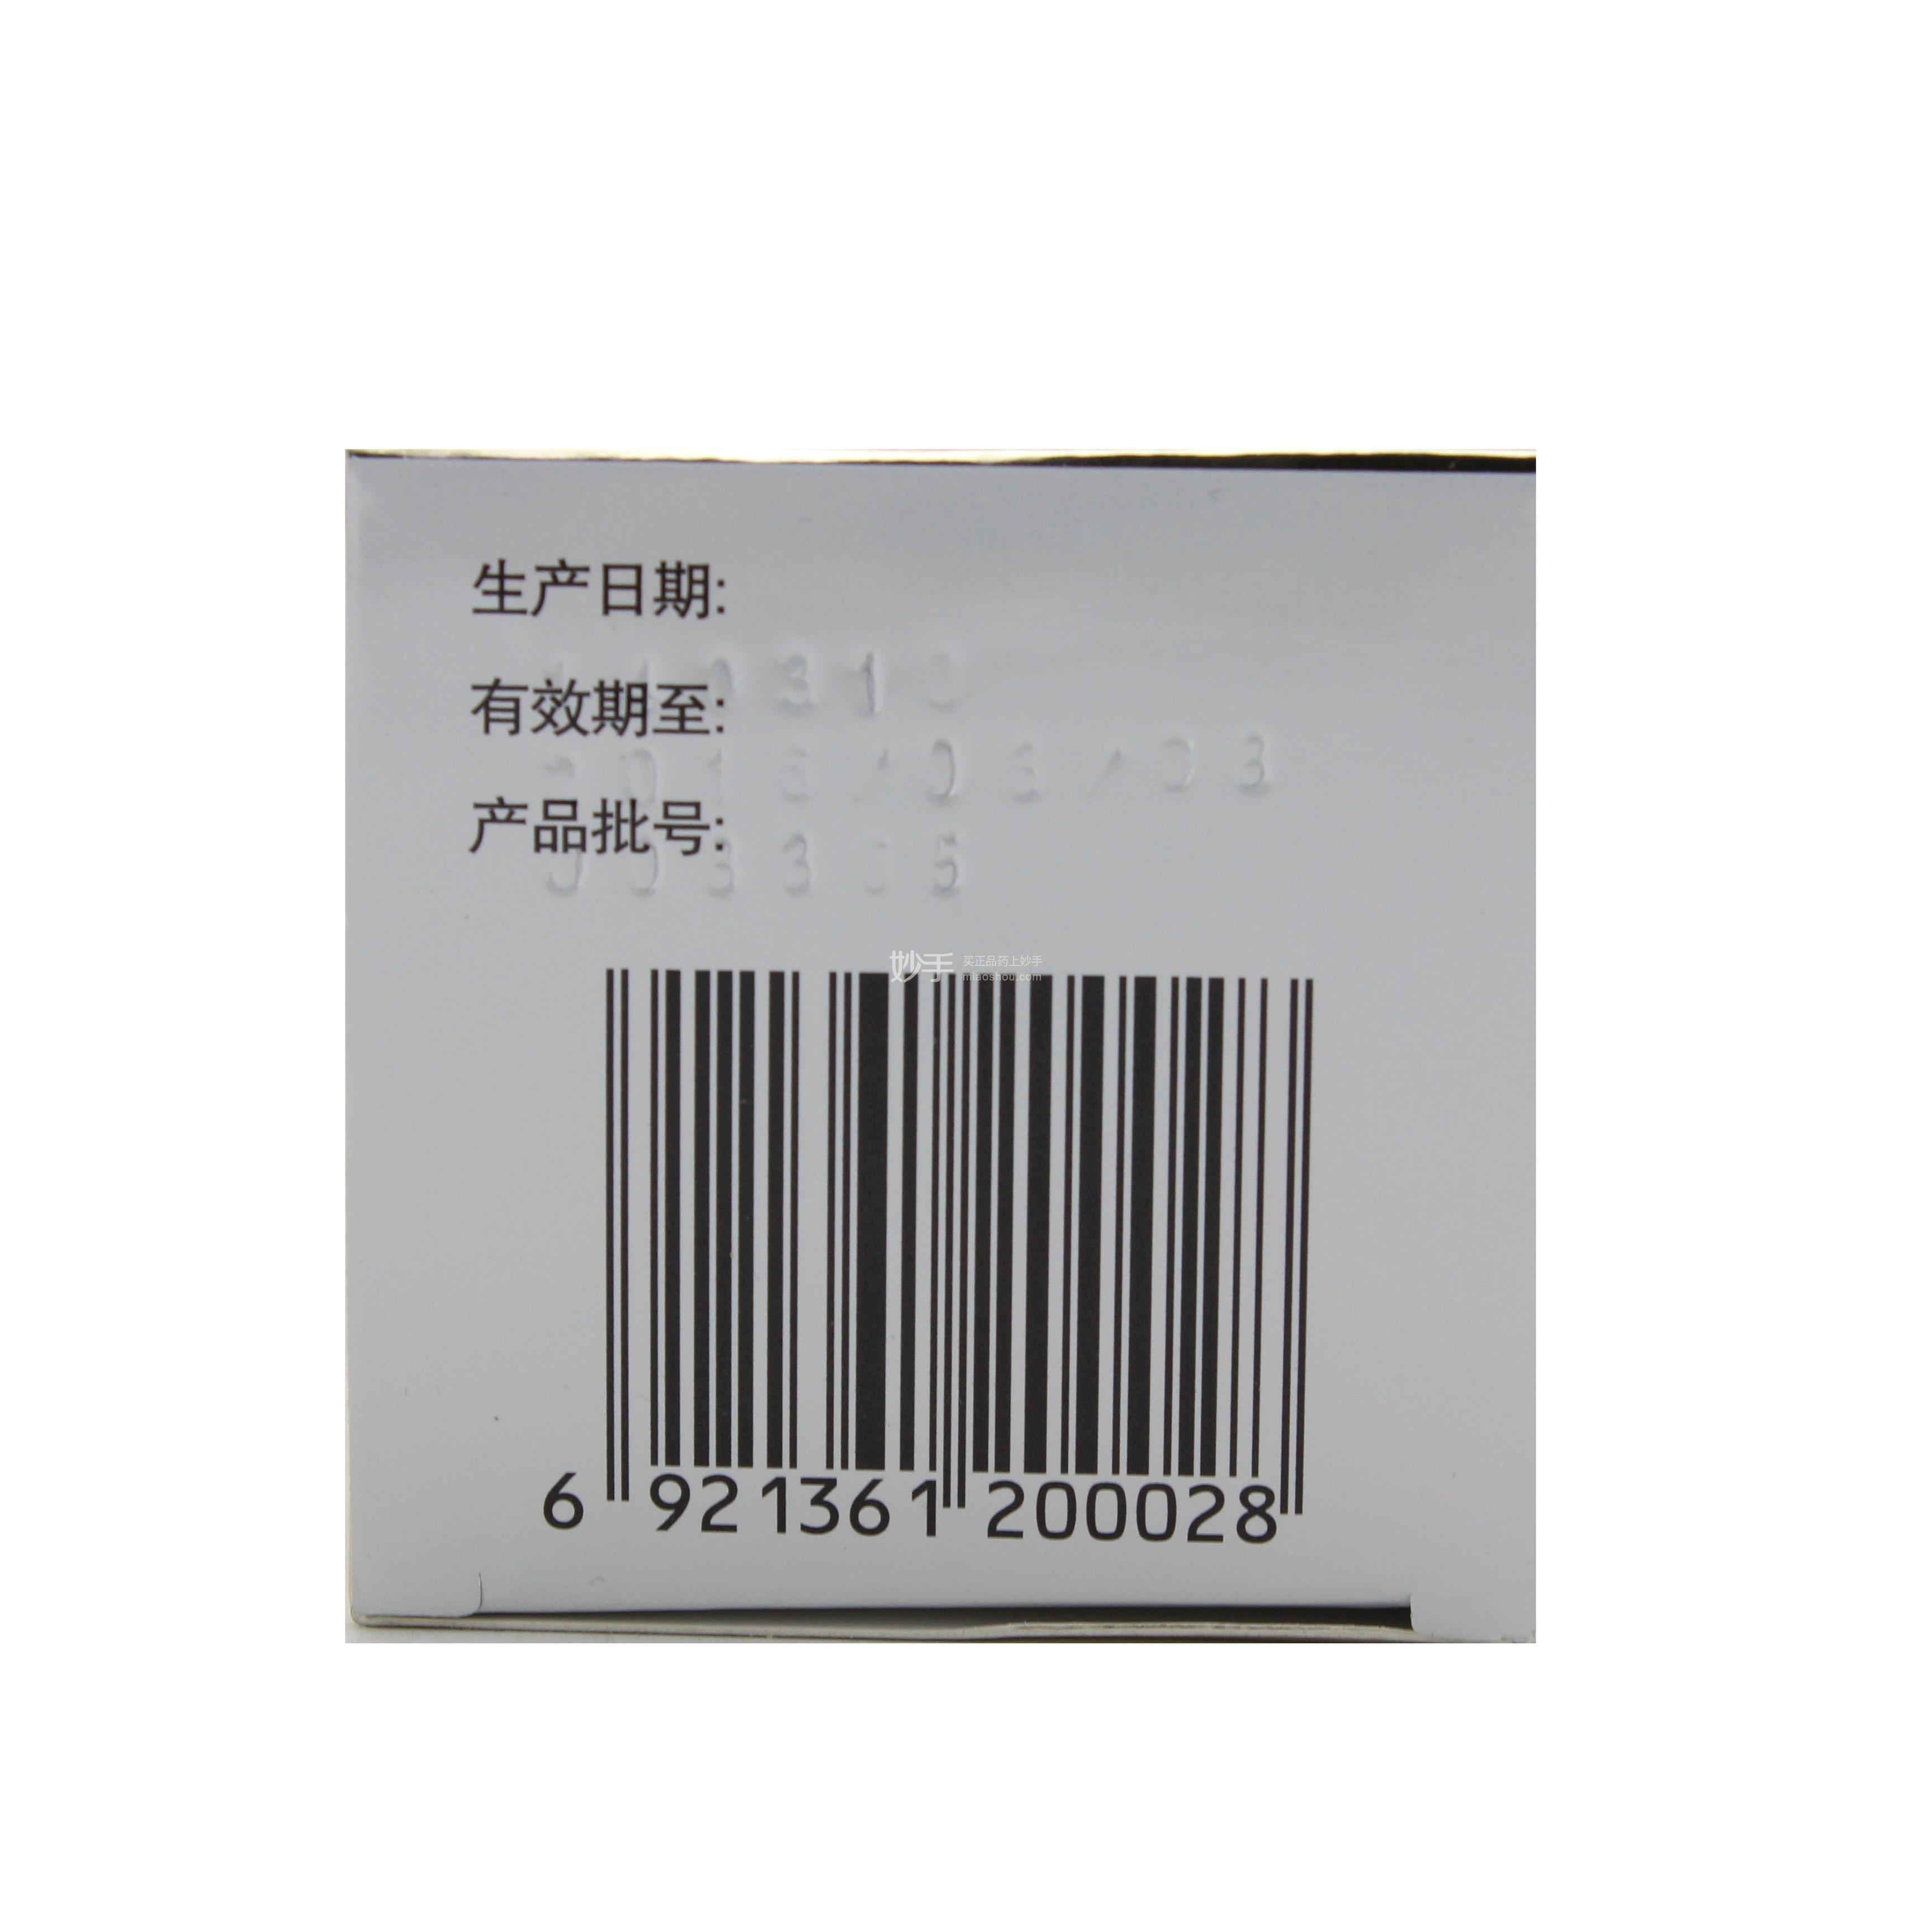 金钙尔奇 碳酸钙维D3元素片(4) 60片